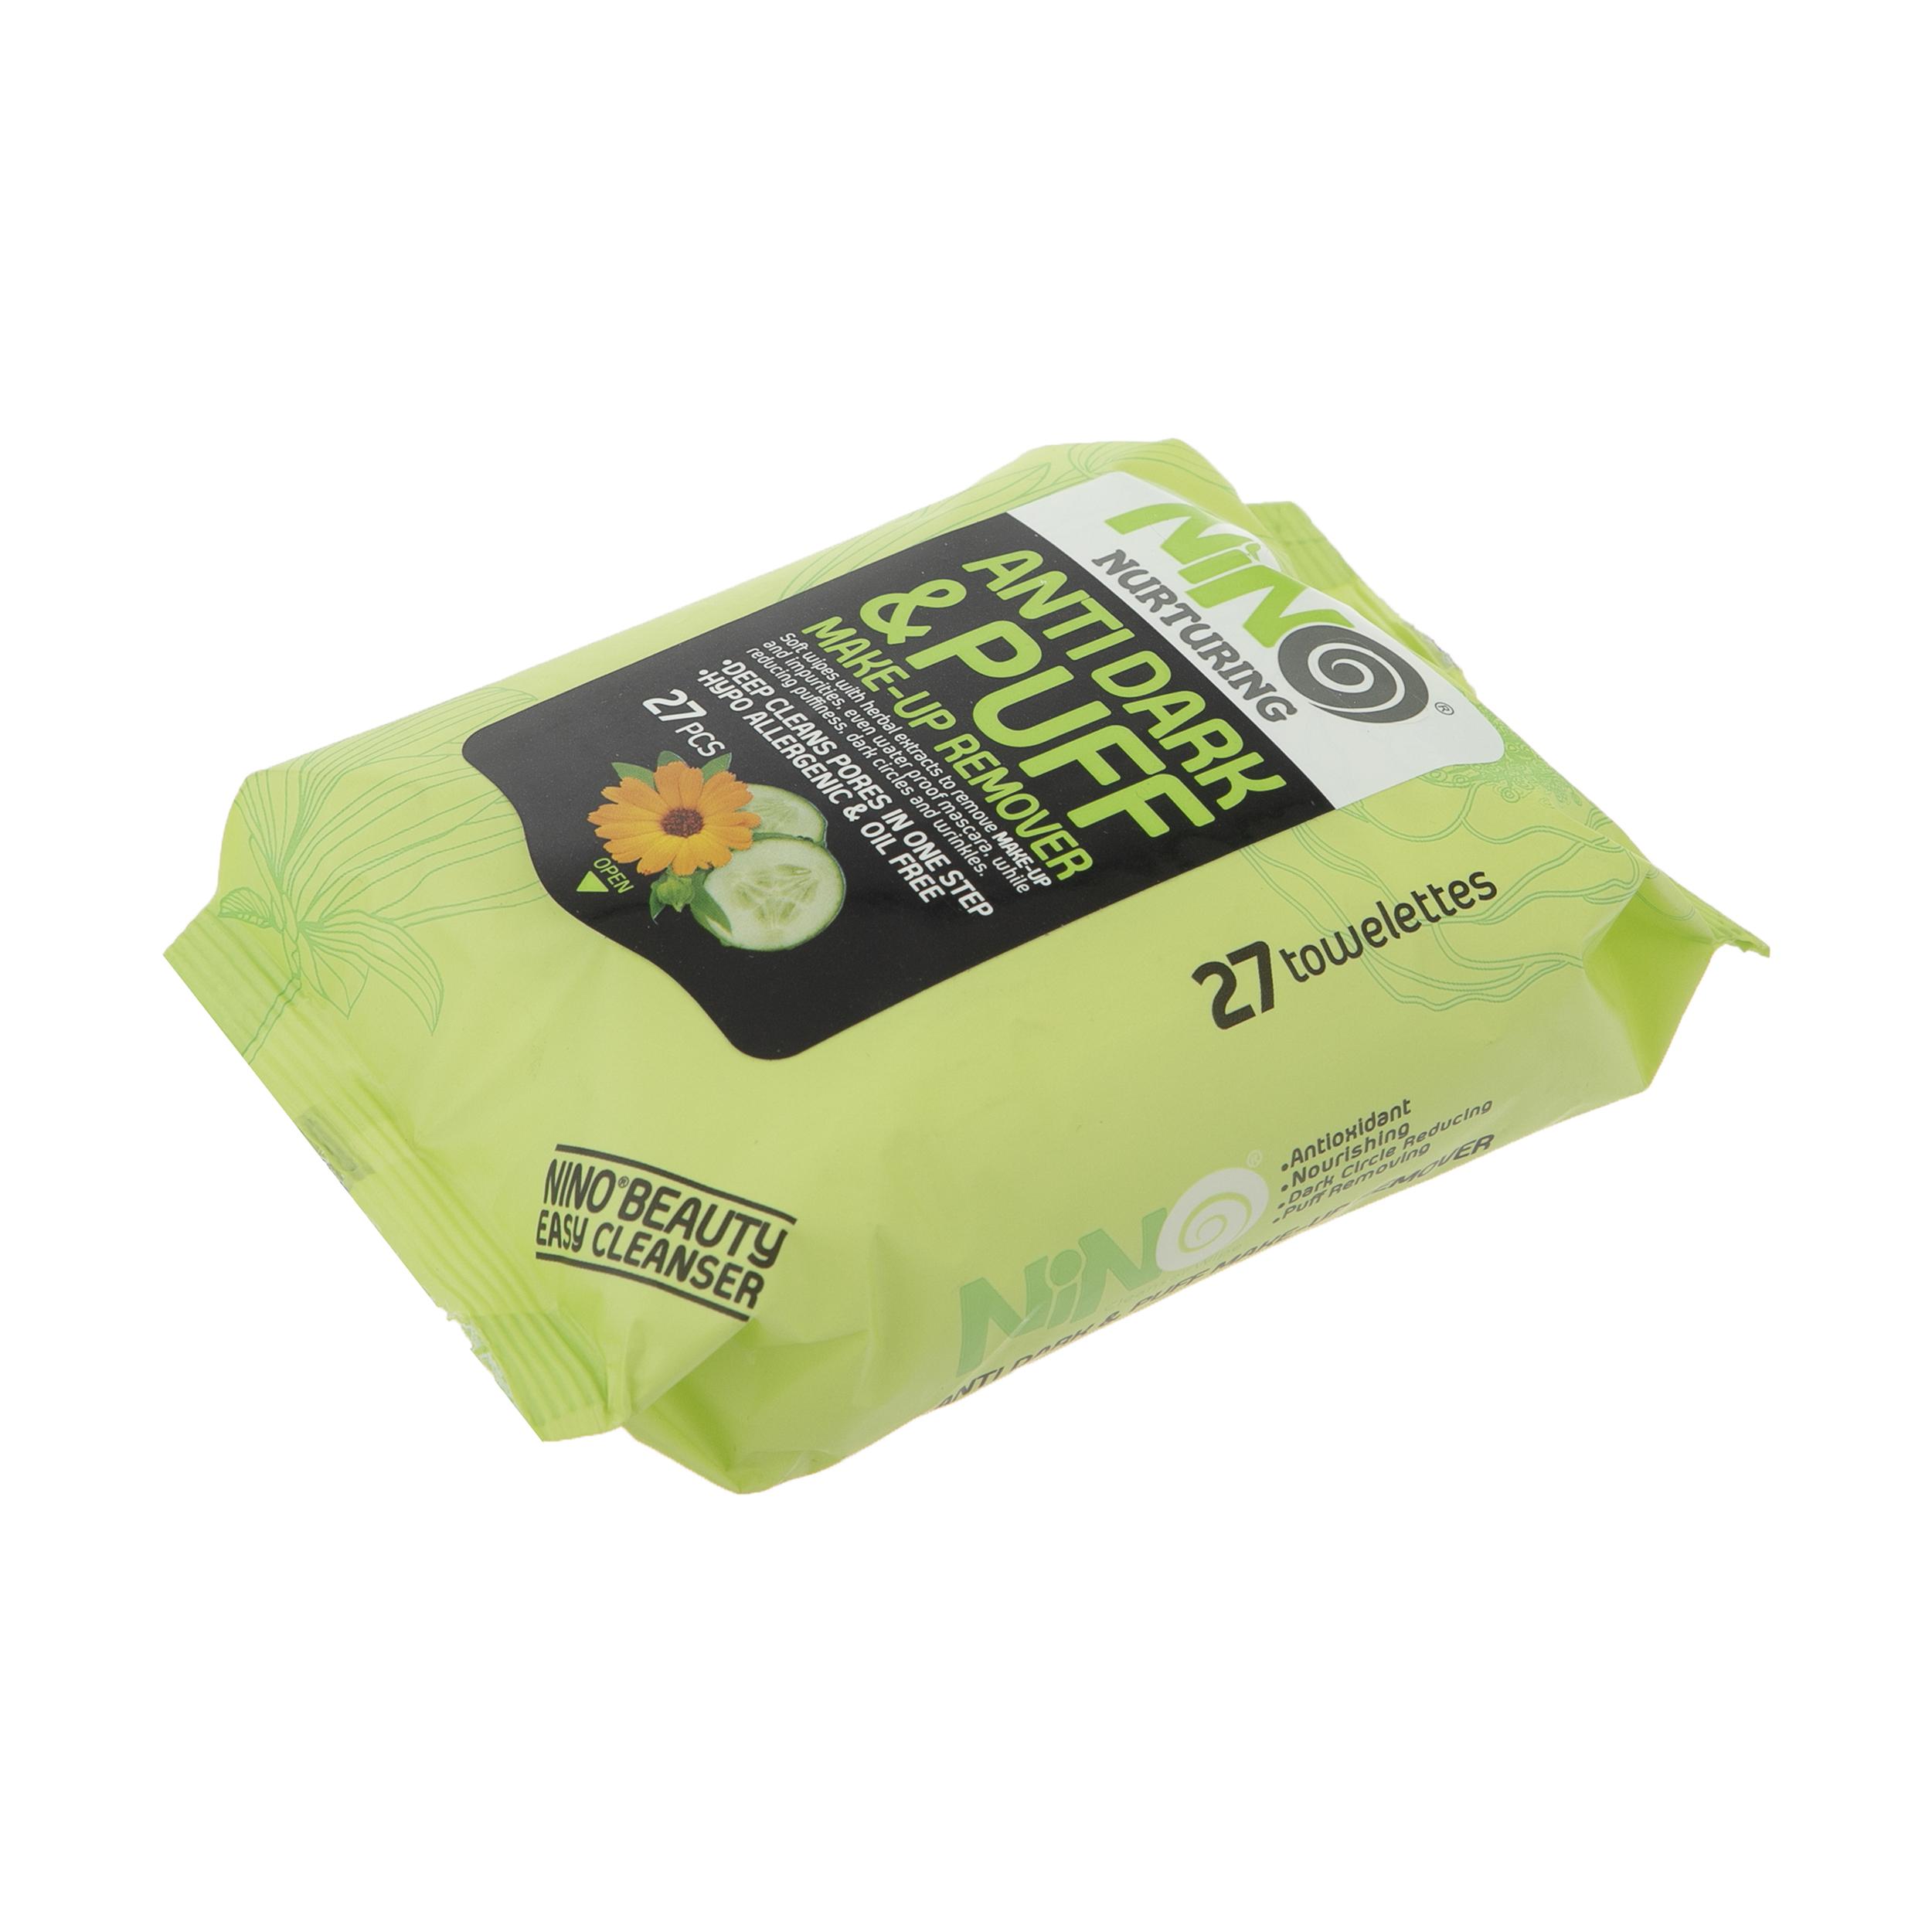 دستمال مرطوب نینو مدل Cucumber بسته 27 عددی